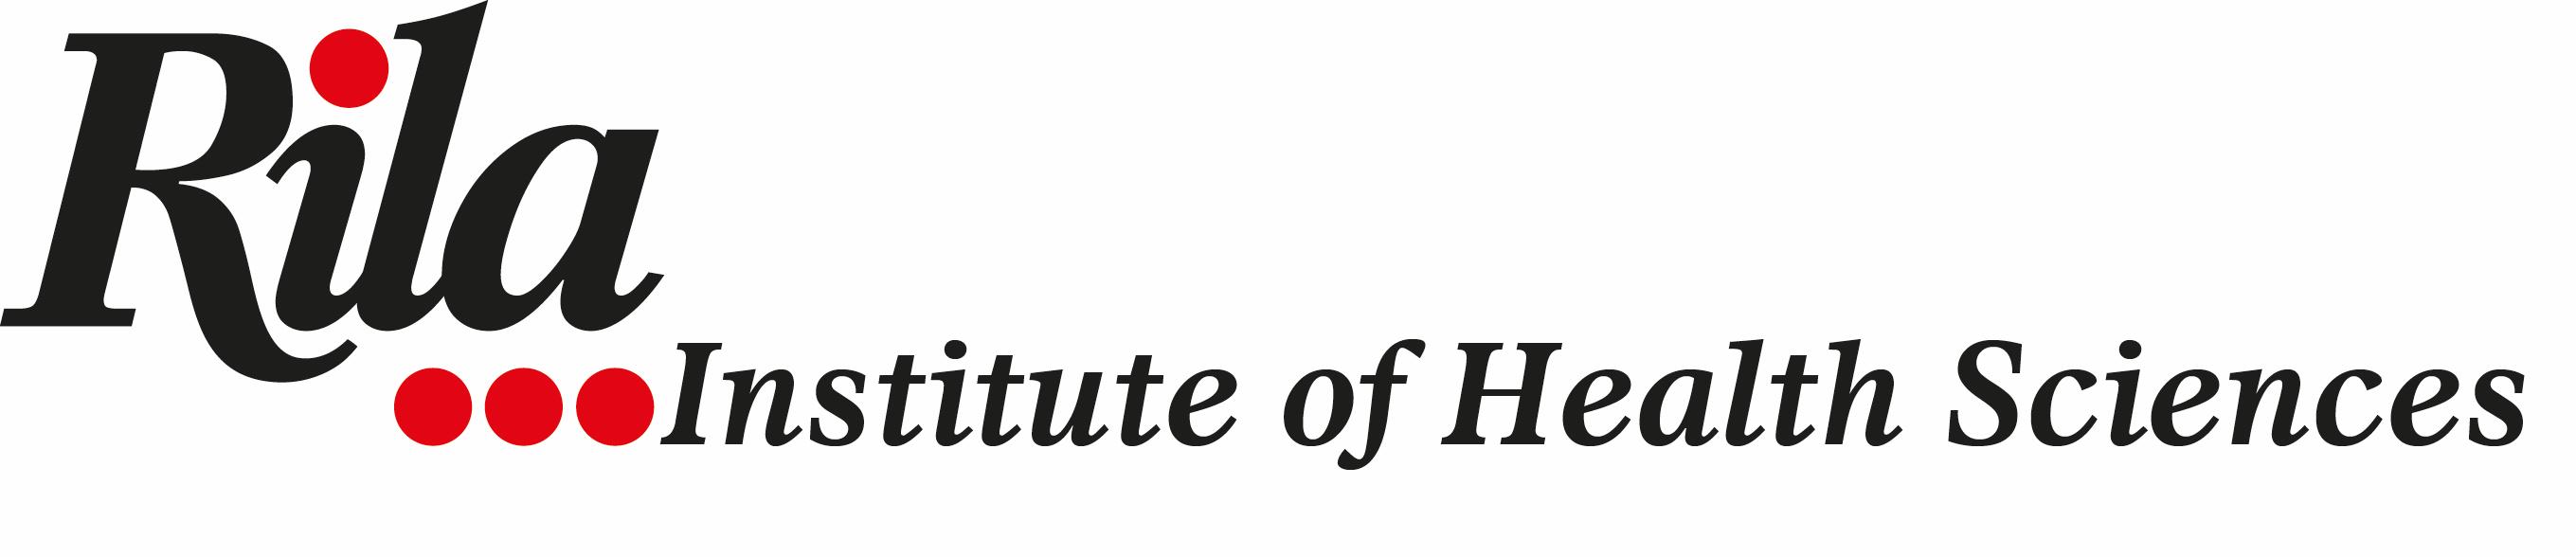 Rila Institute of Health Sciences Logo